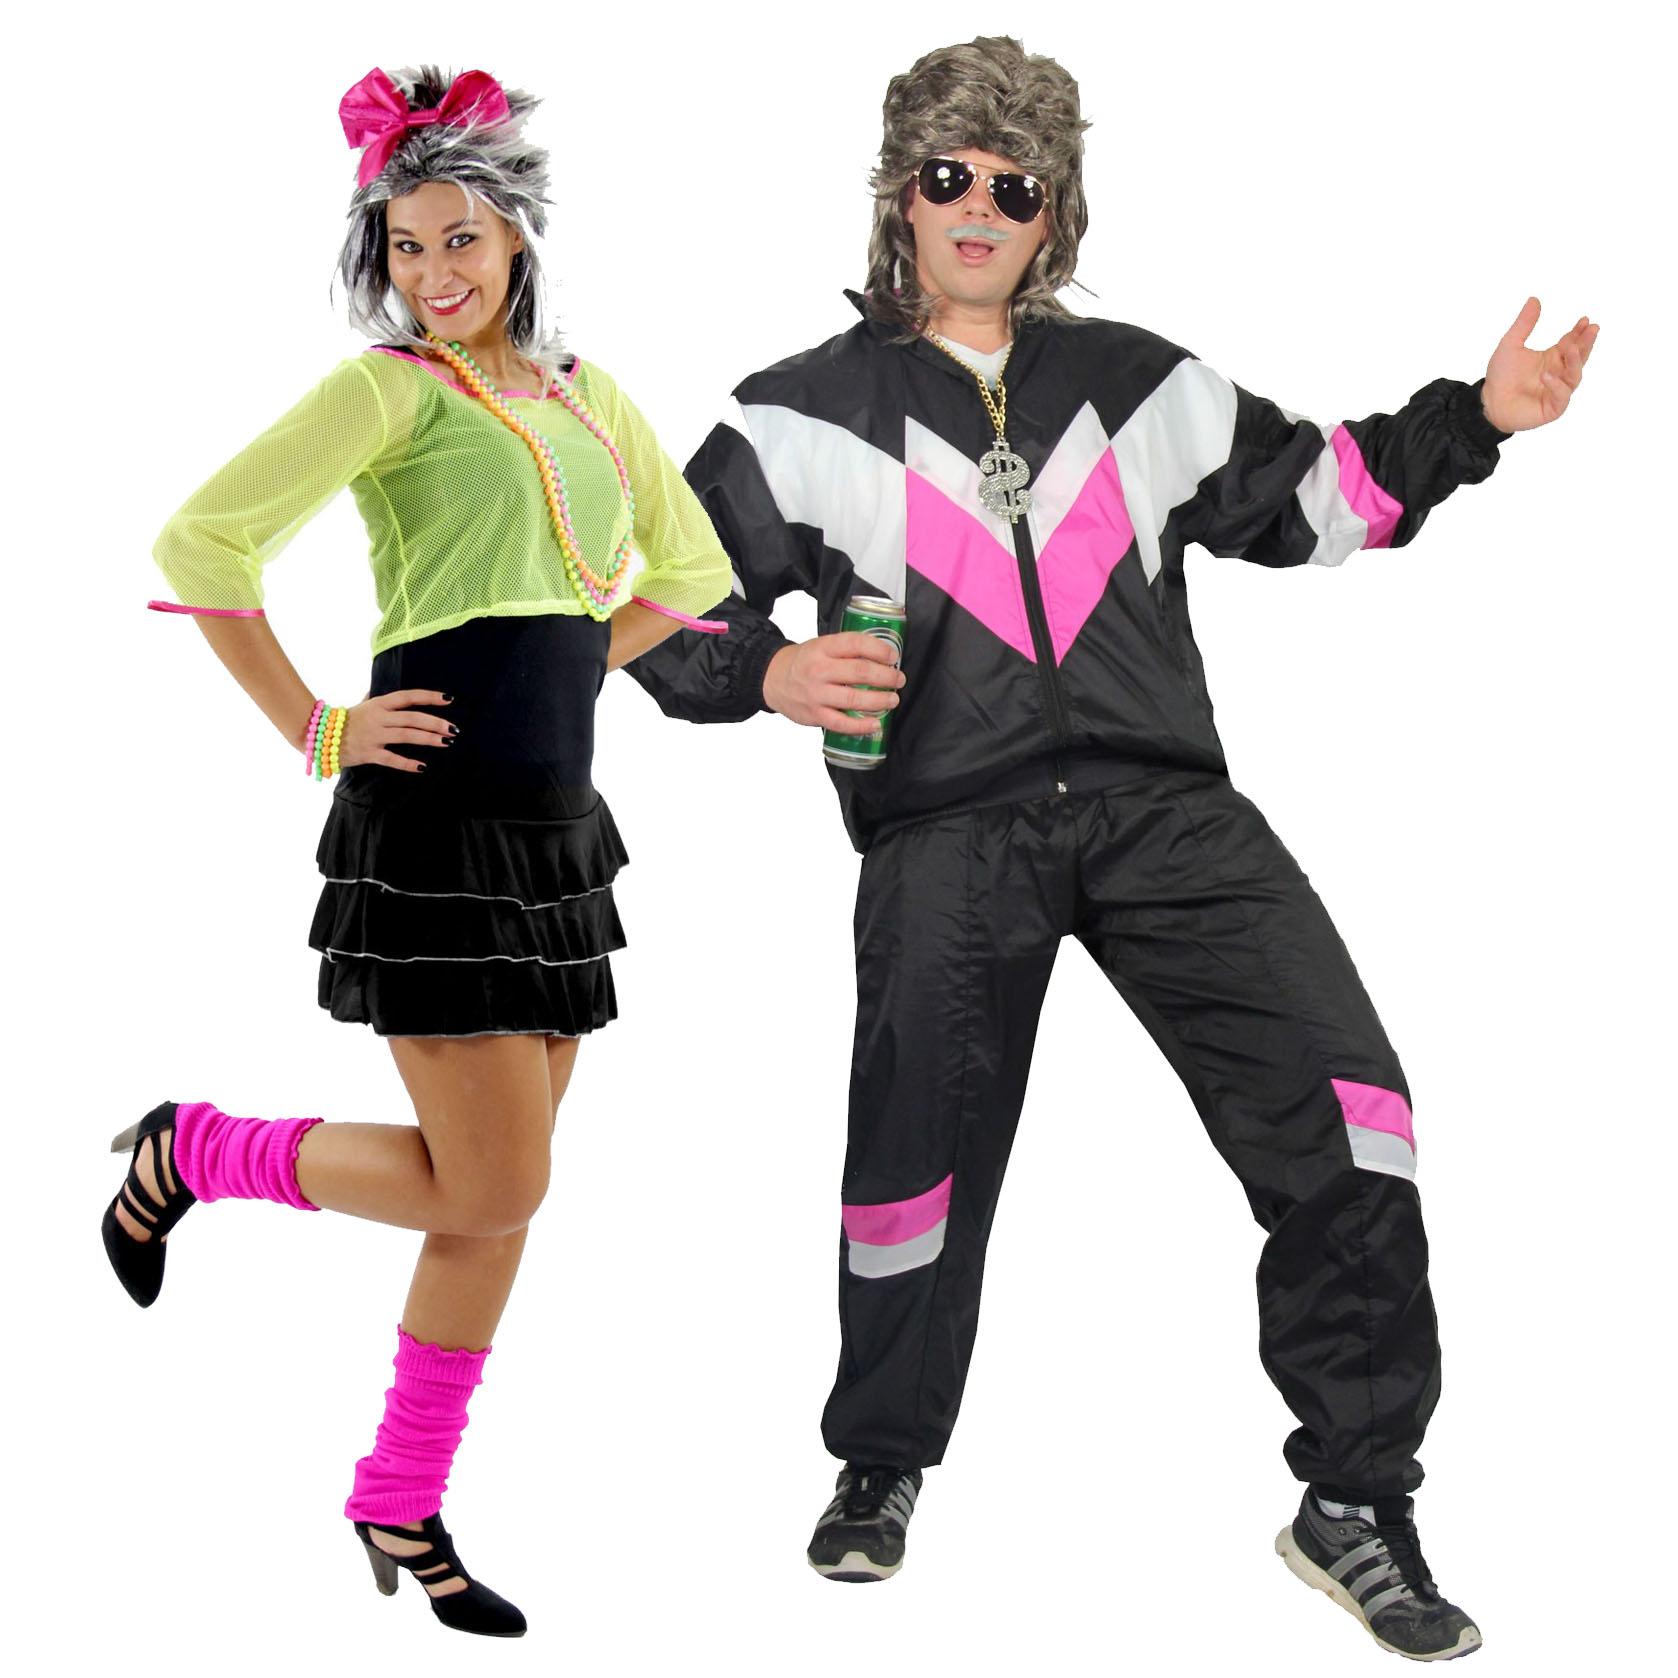 80er Jahre Party Pärchen Kostüm Online Shop Kostüme Perücken